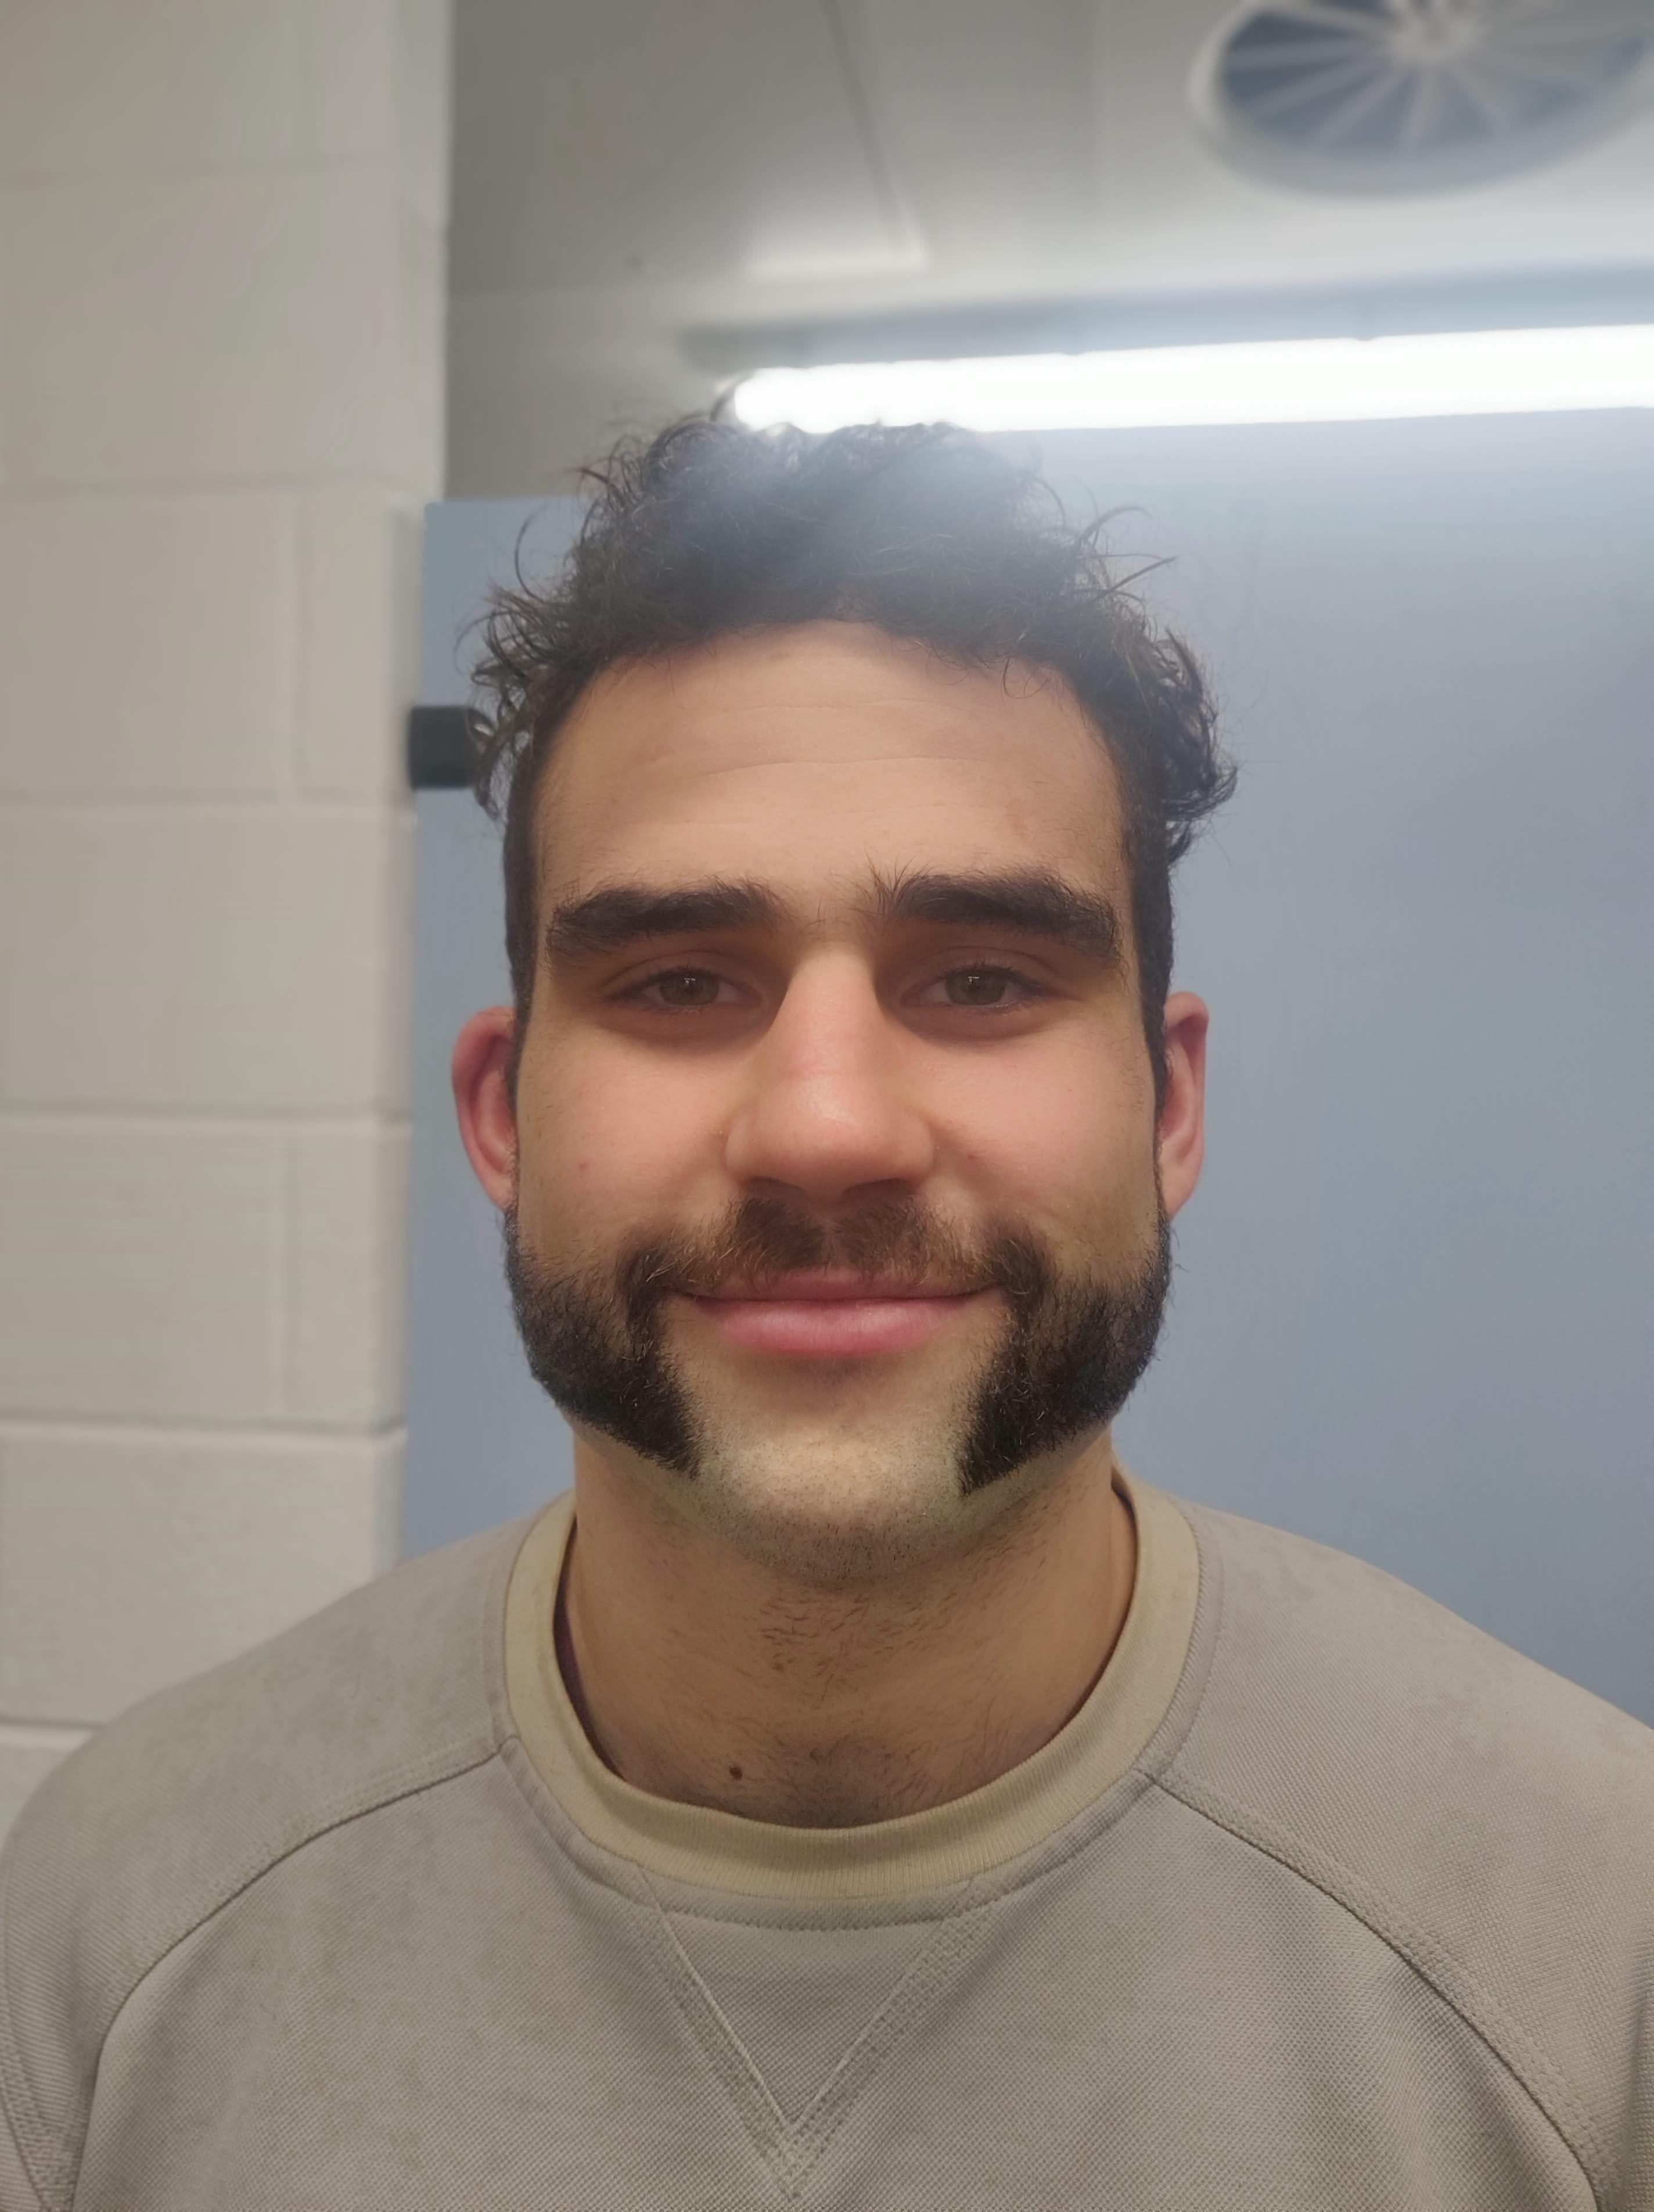 Image may contain: Man, Beard, Person, Human, Face